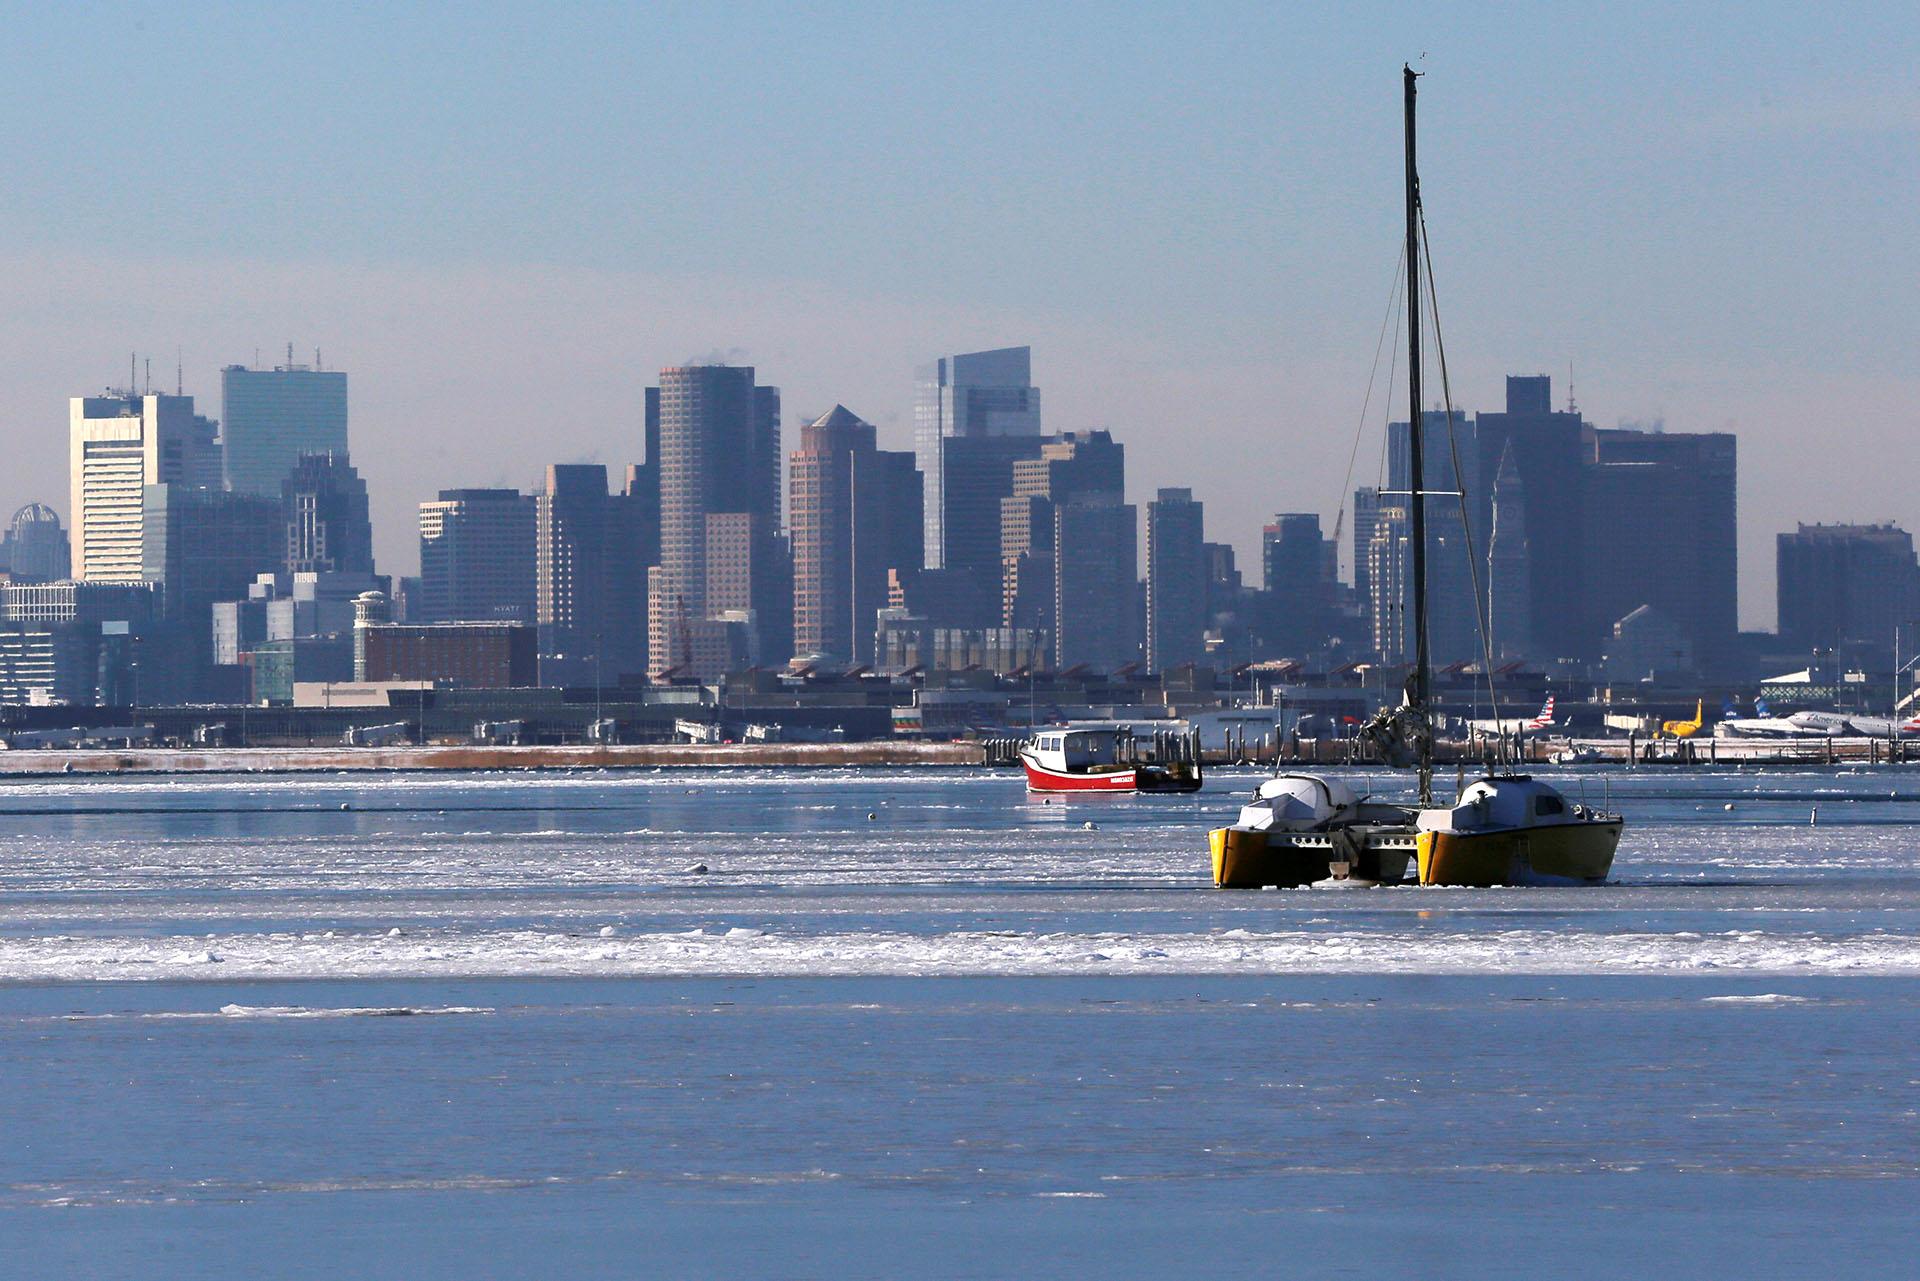 Un velero encallado en el hielo del Océano Atlántico entre Winthropy Boston, Massachusetts (Reuters/Brian Snyder)